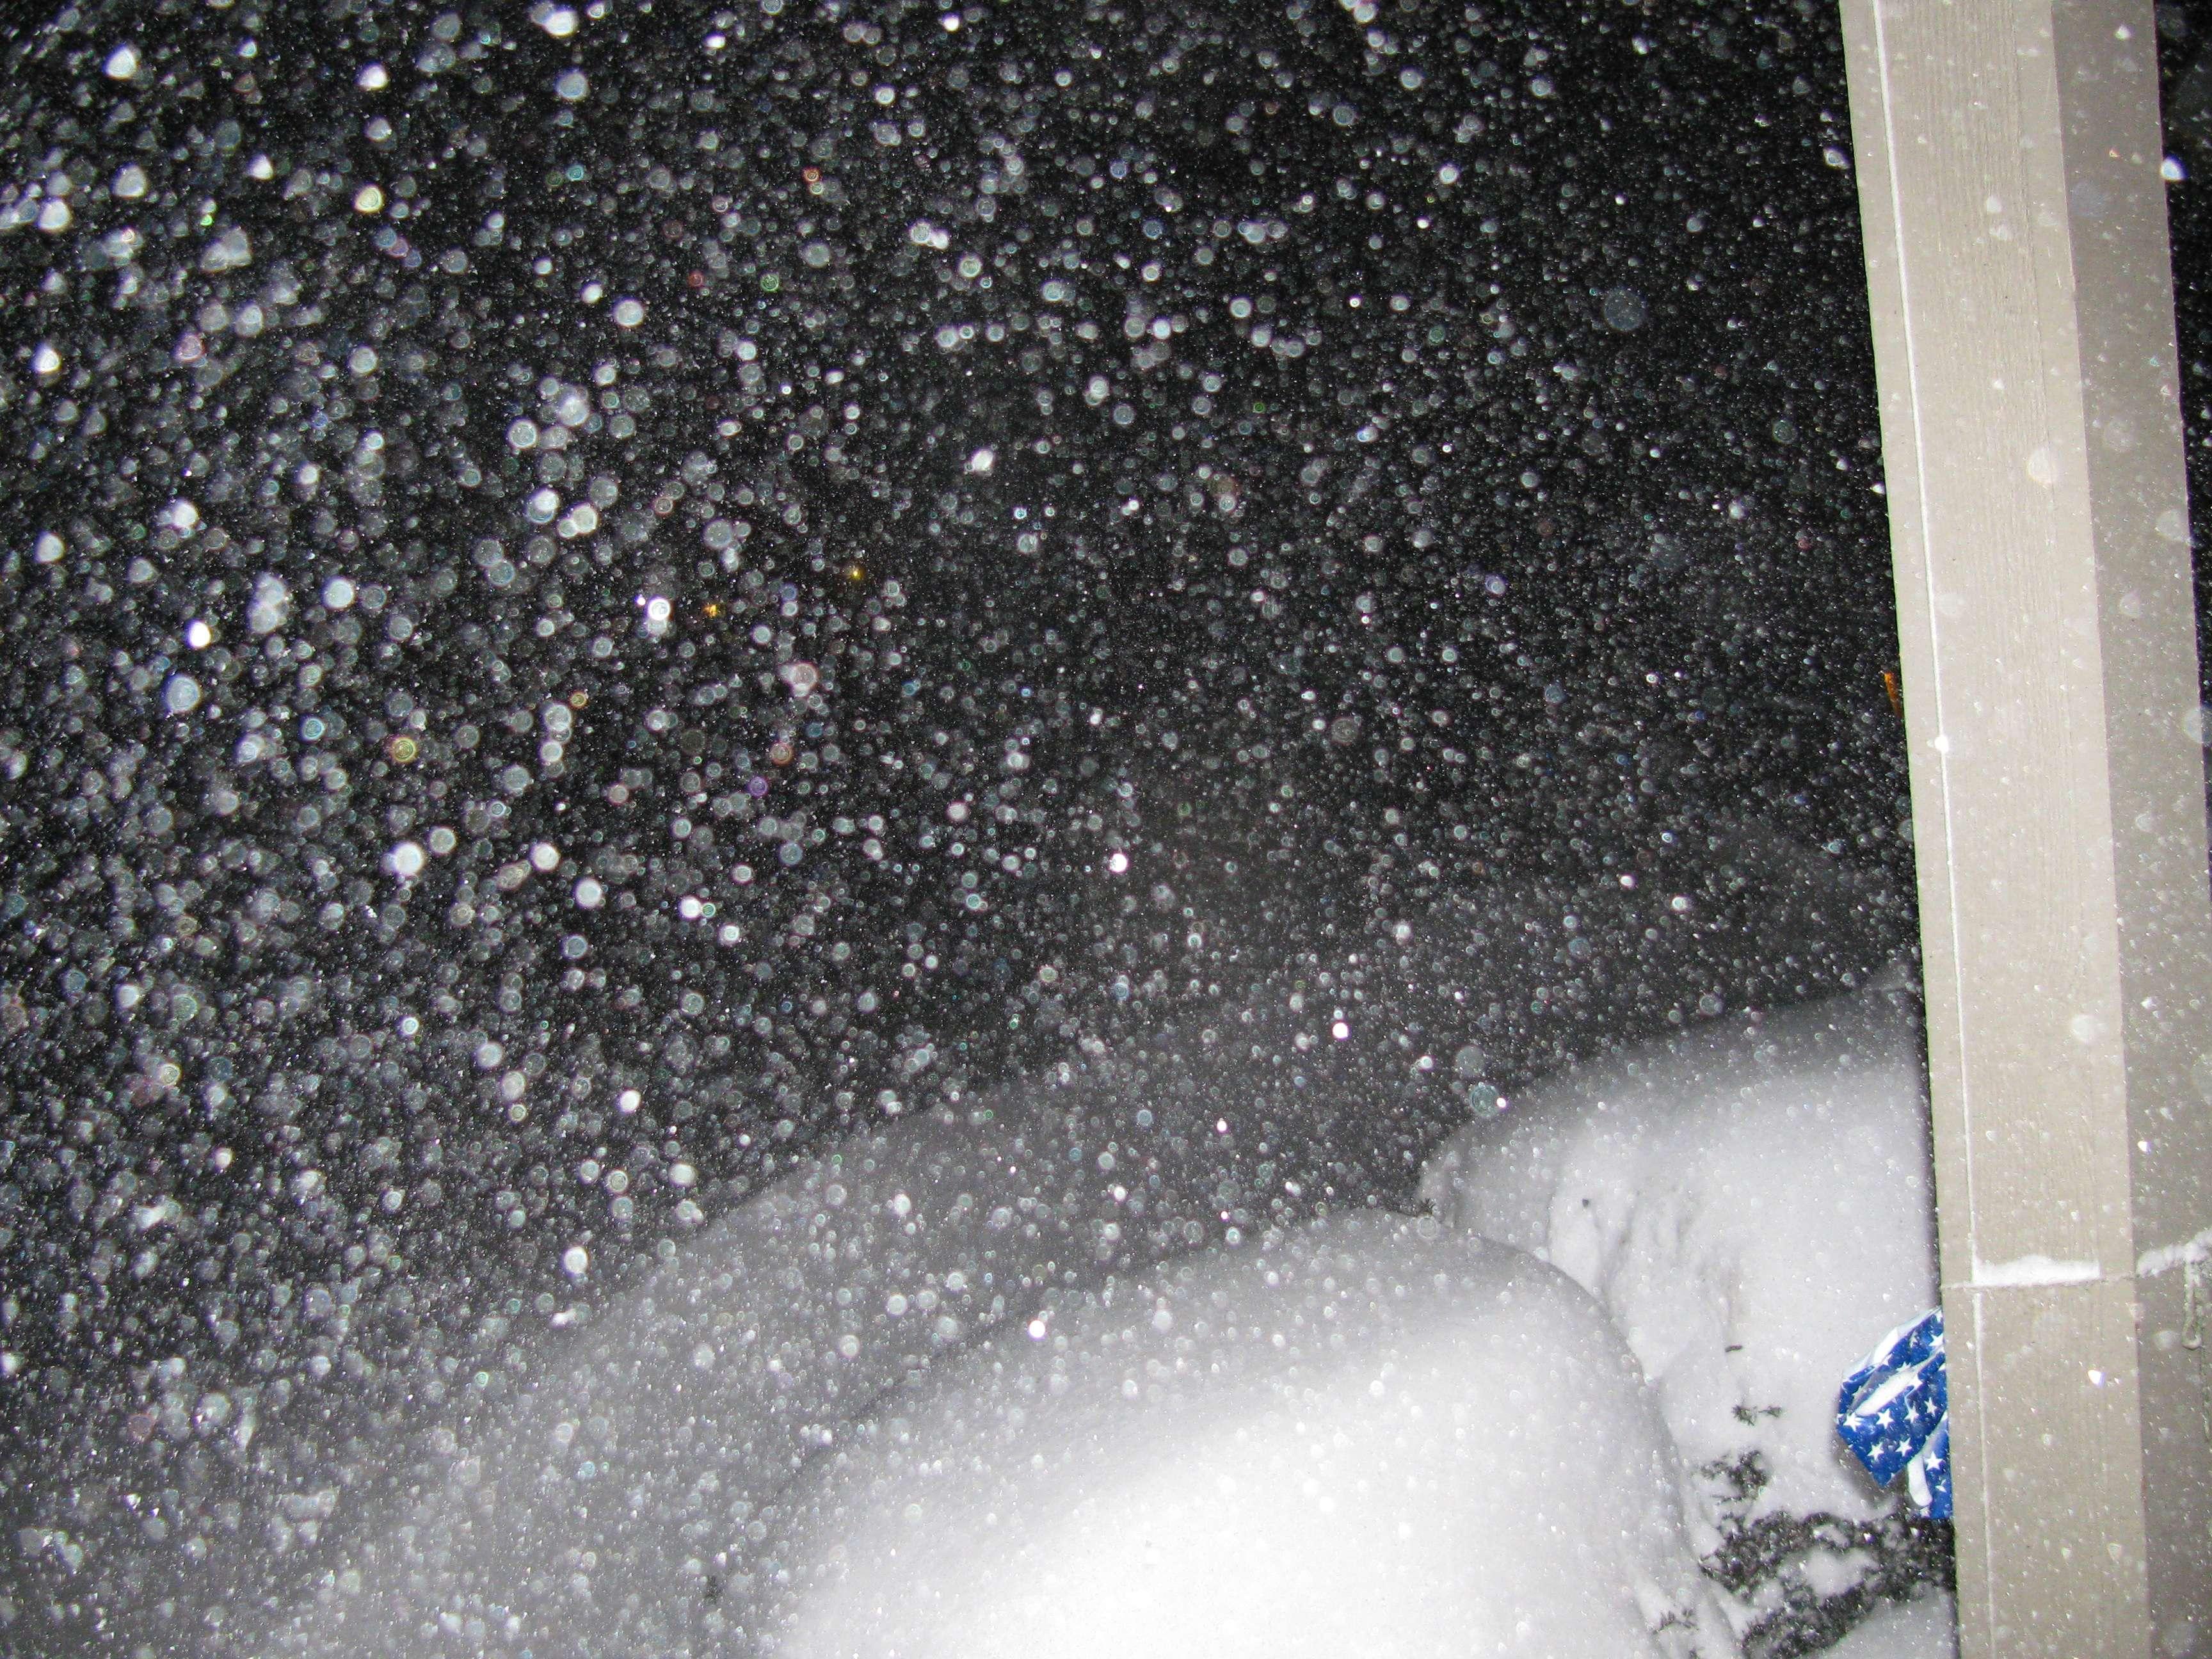 wisconsin racine/kenosha blizzard - The Club House